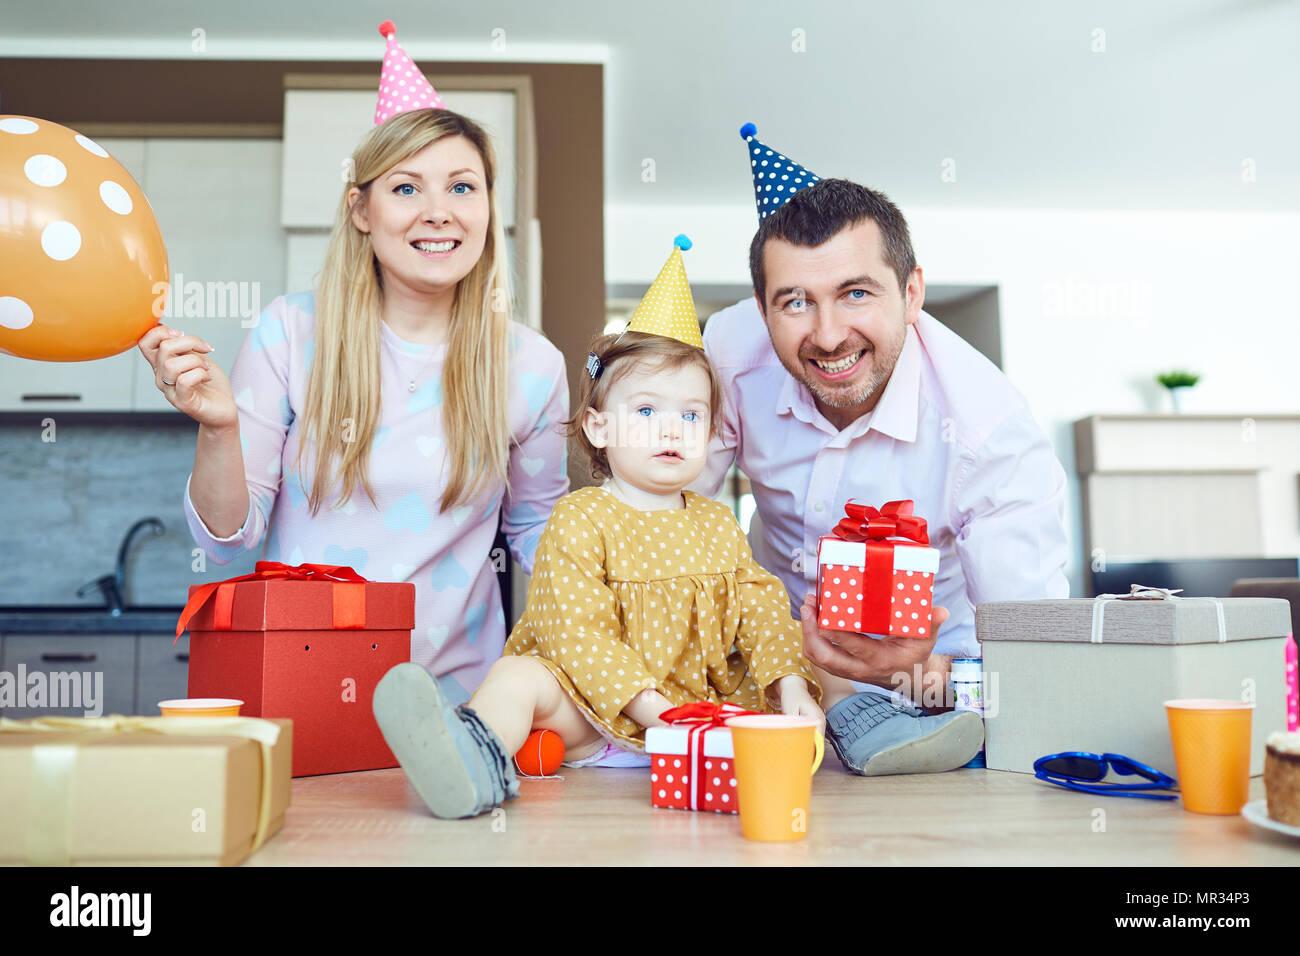 Una famiglia con una torta si congratula con un bambino felice per il suo compleanno Immagini Stock